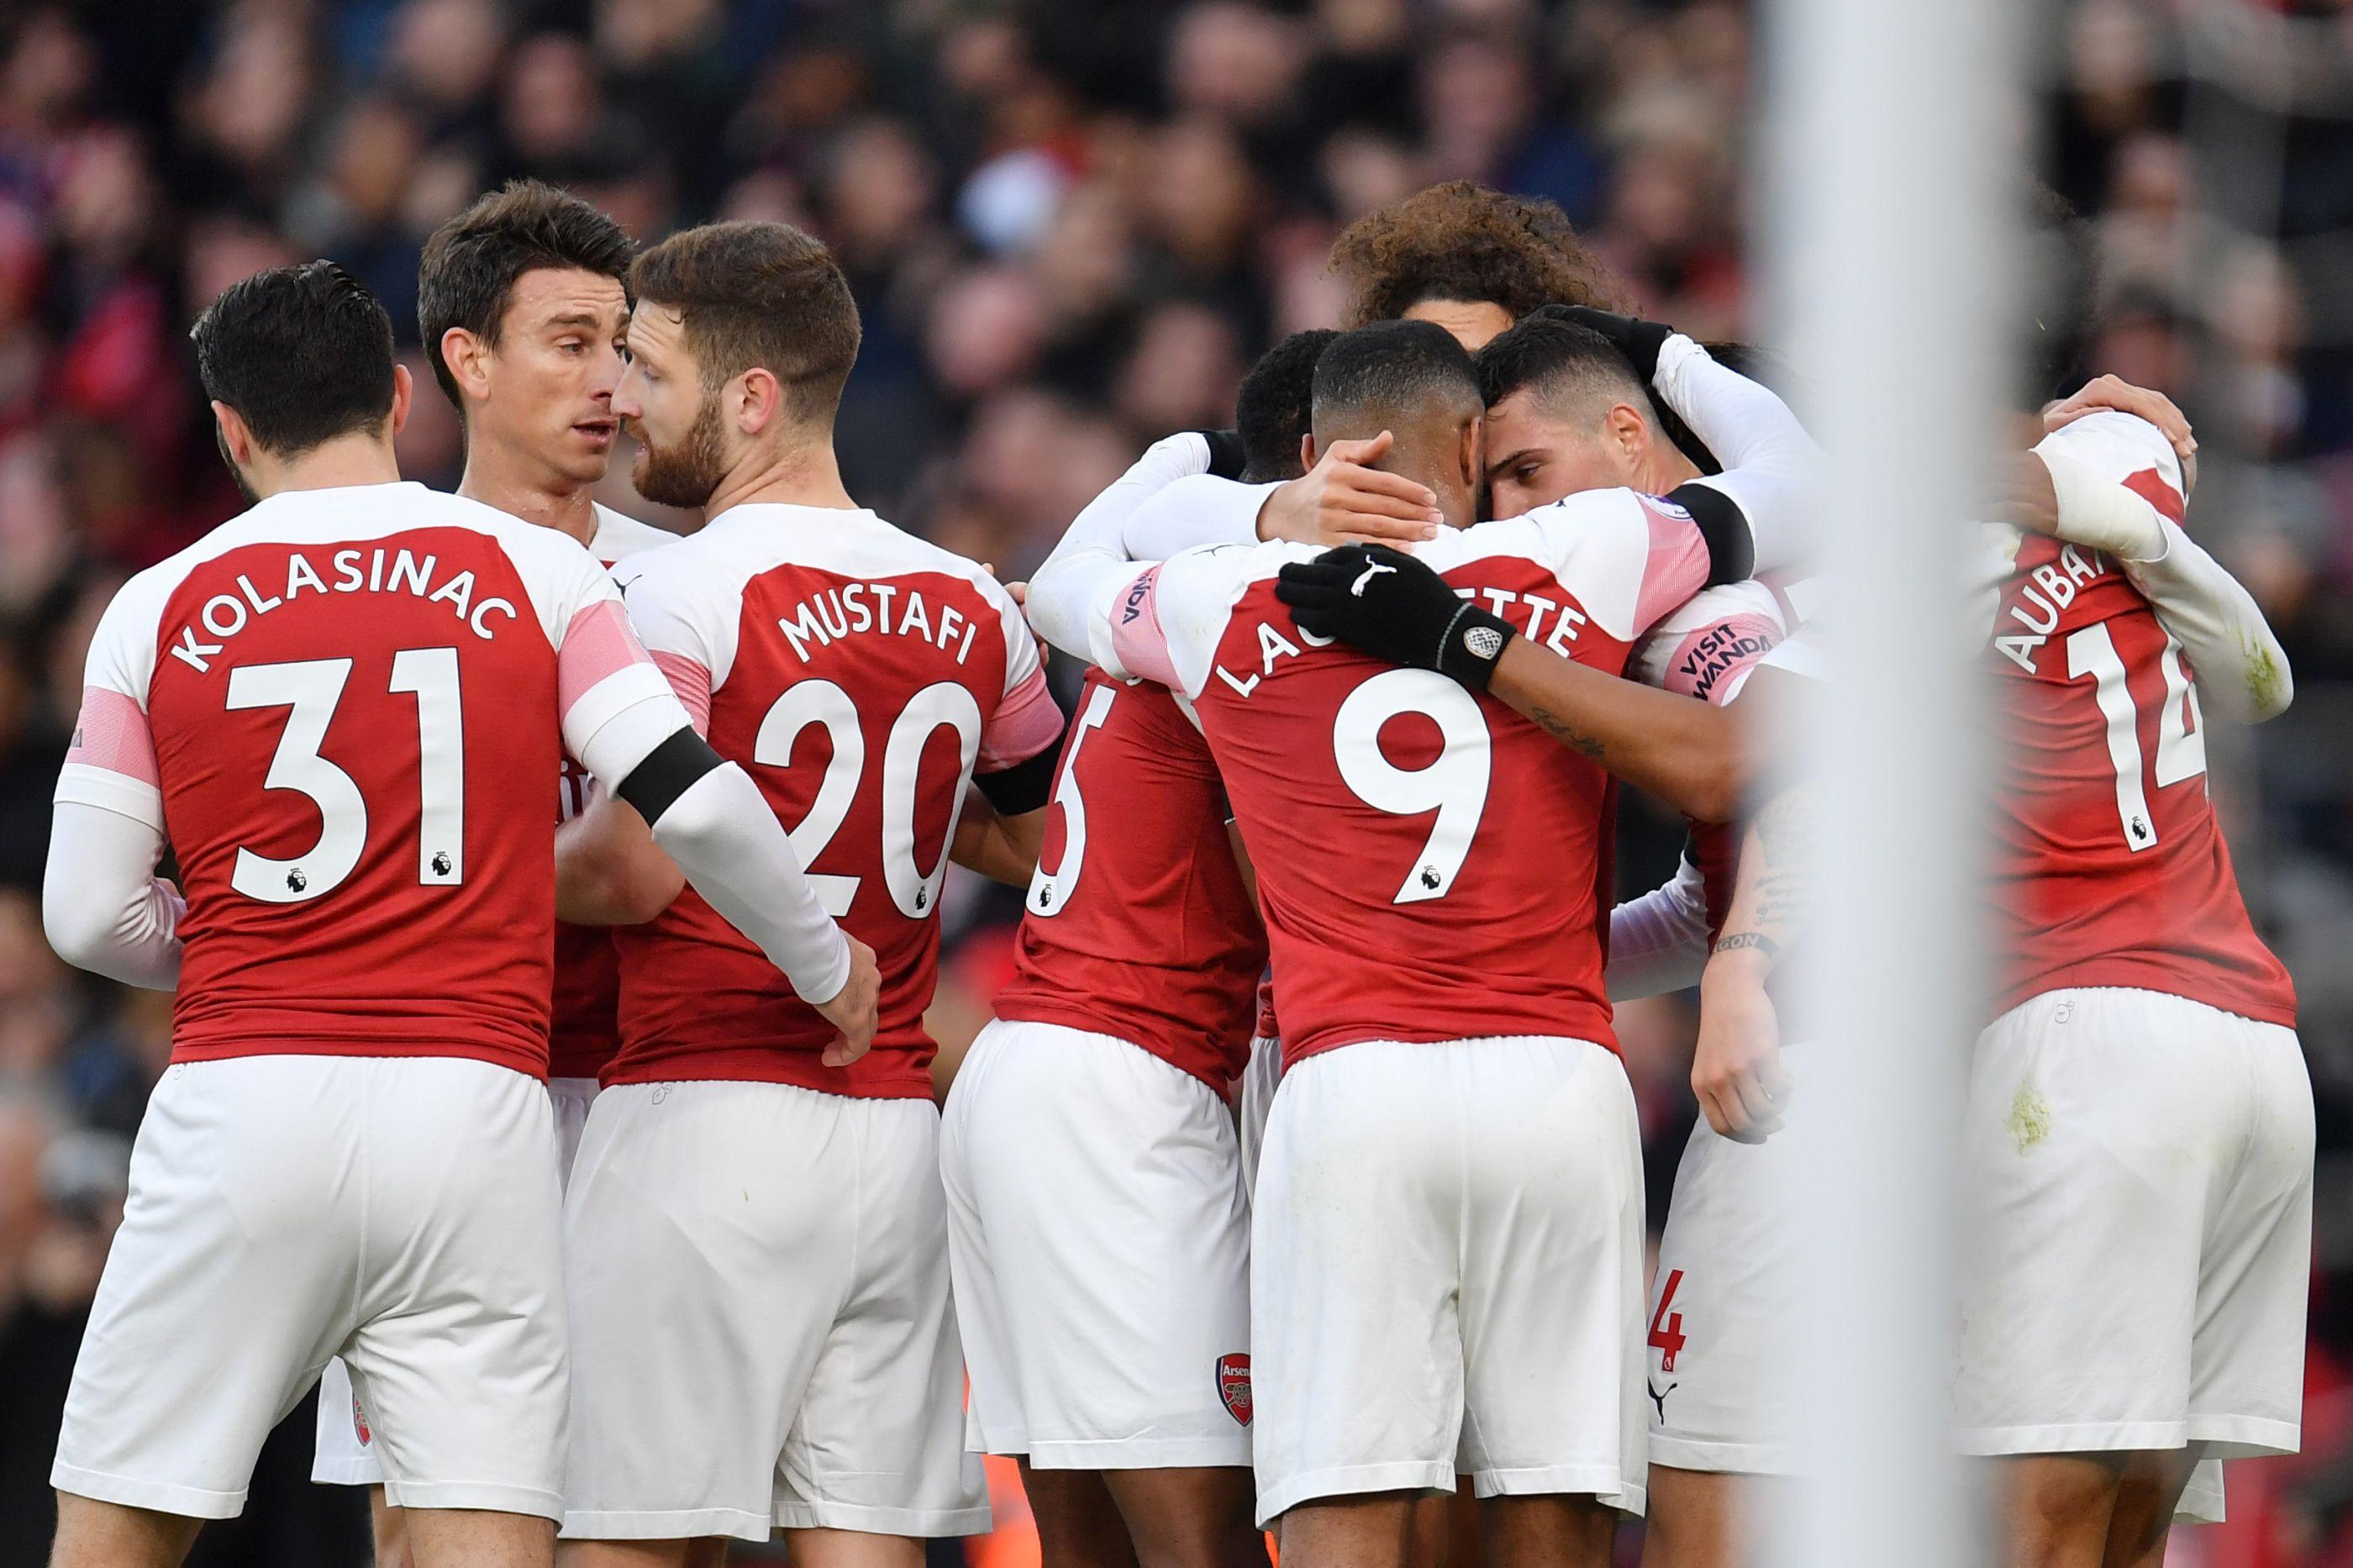 Arsenal entra com o pé direito em 2019 e vence dérbi londrino